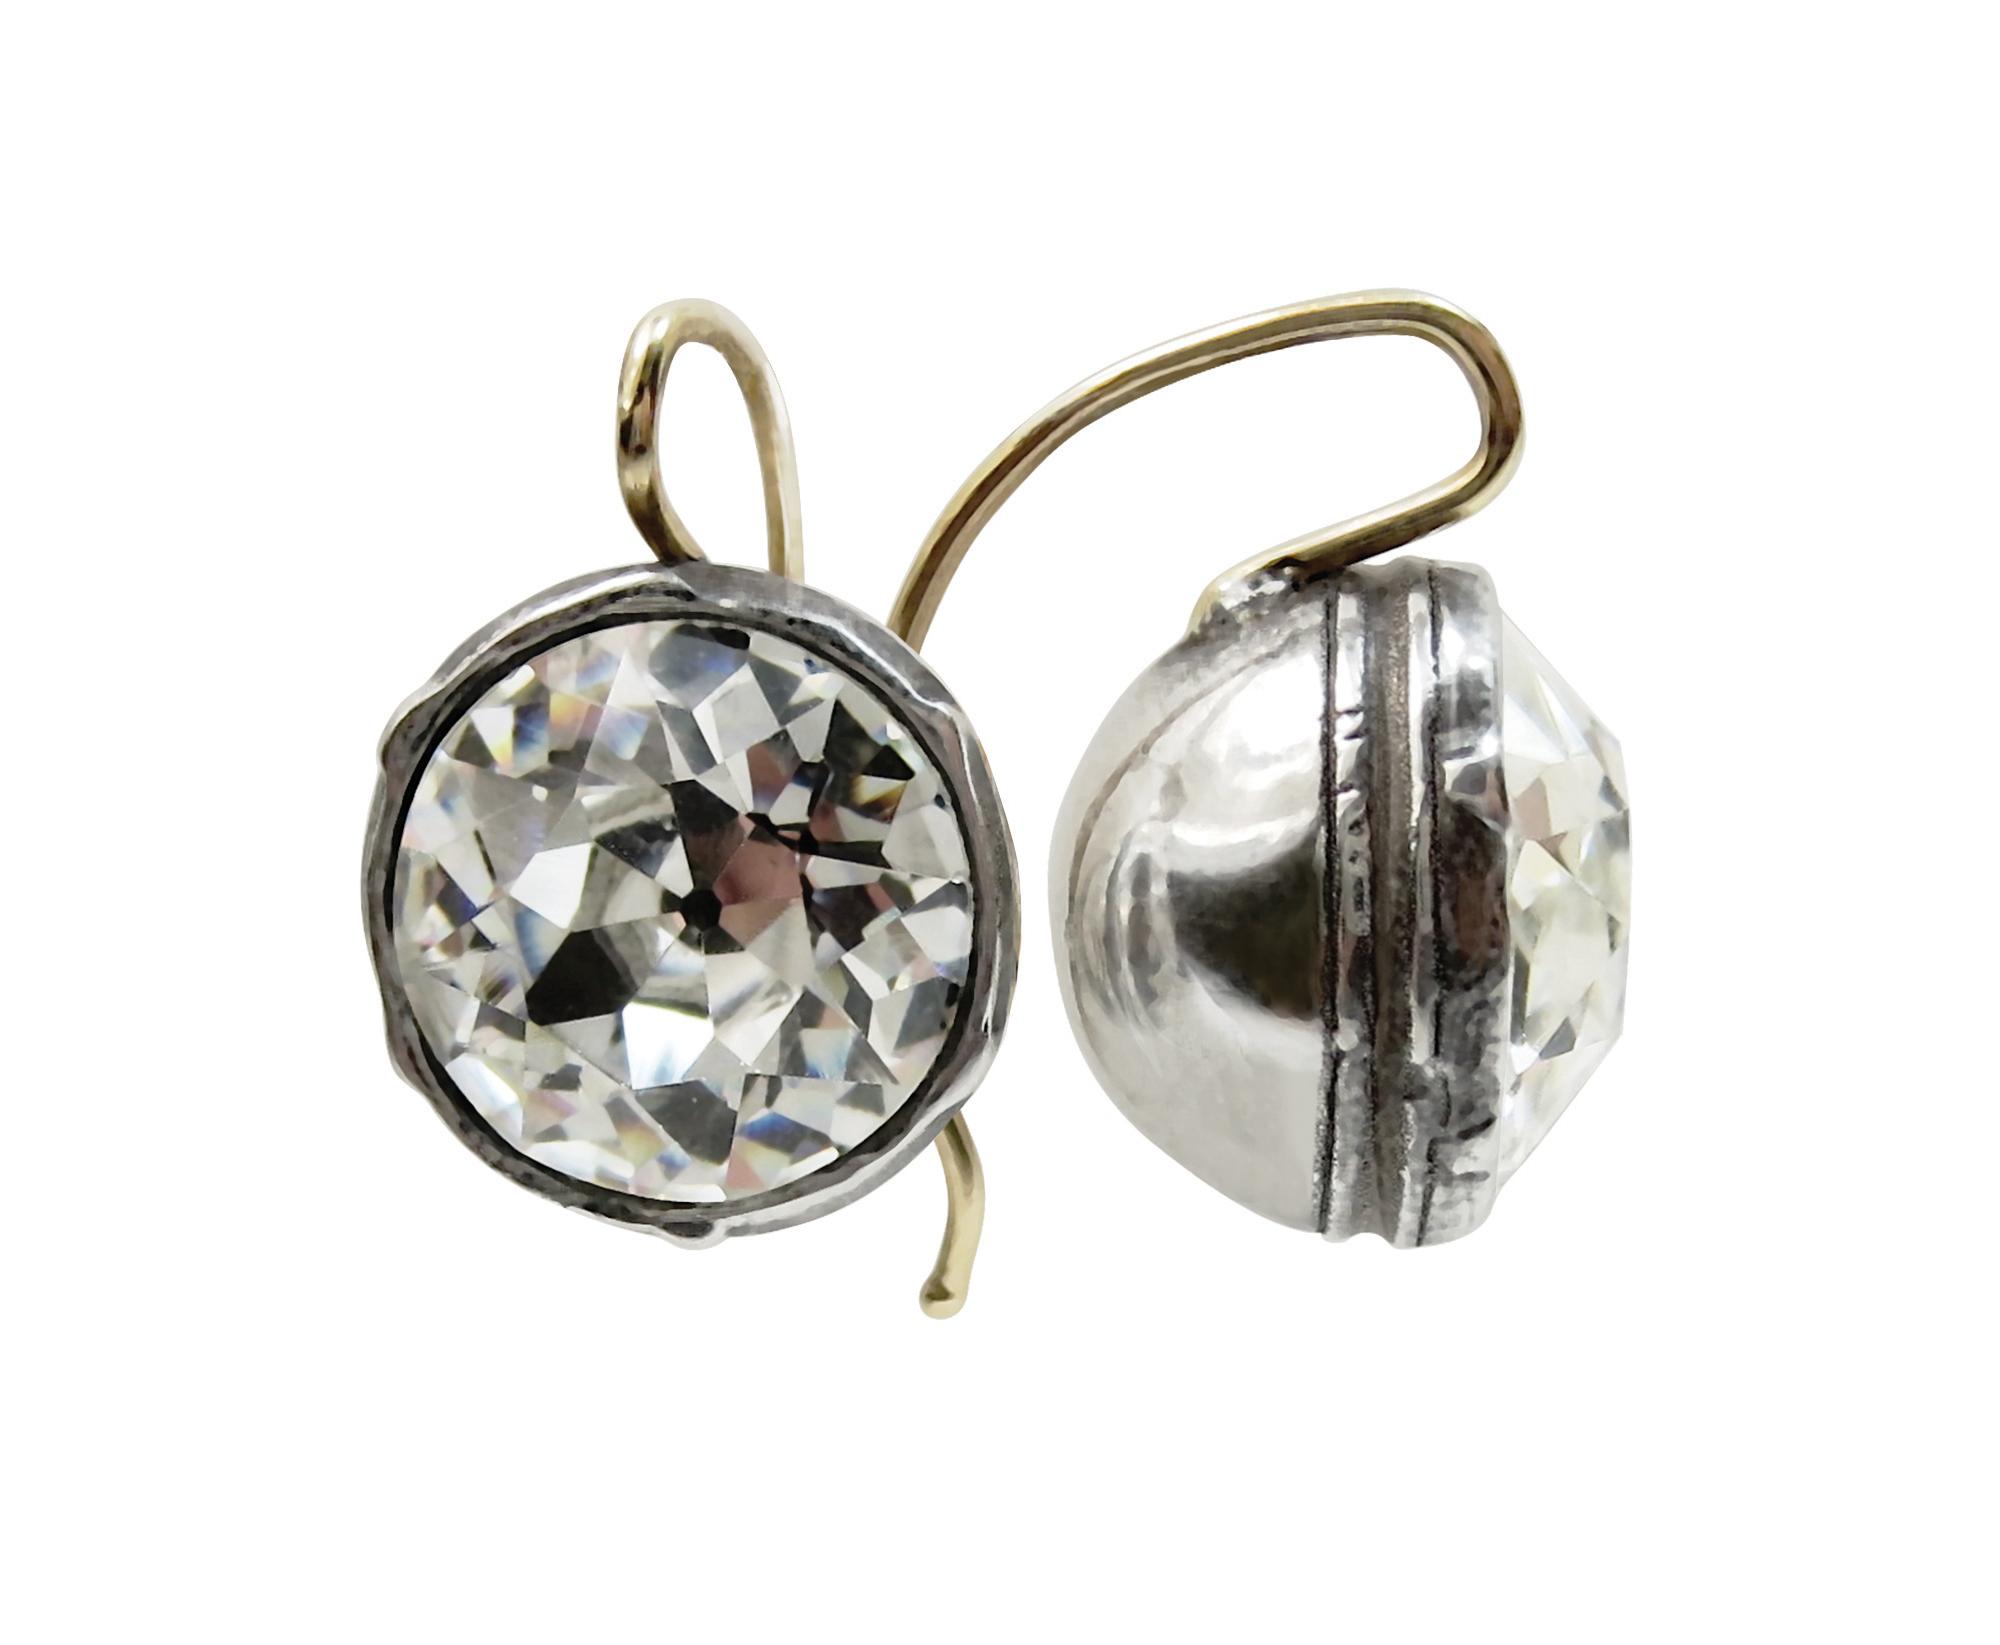 Maloy_headlight-earrings_SR